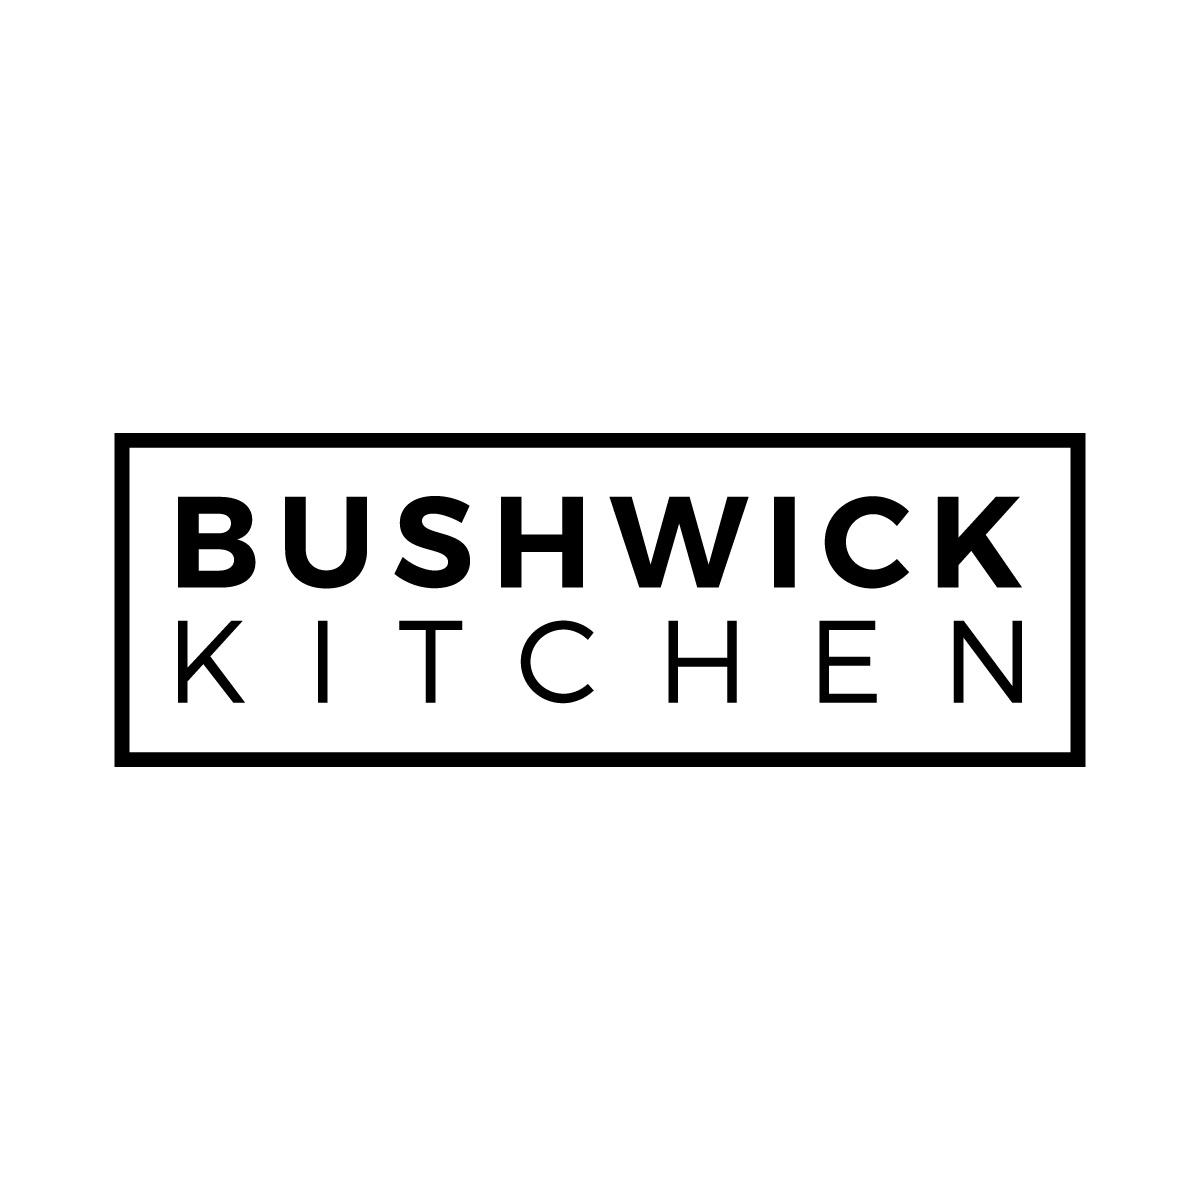 Bushwick kitchen icon white